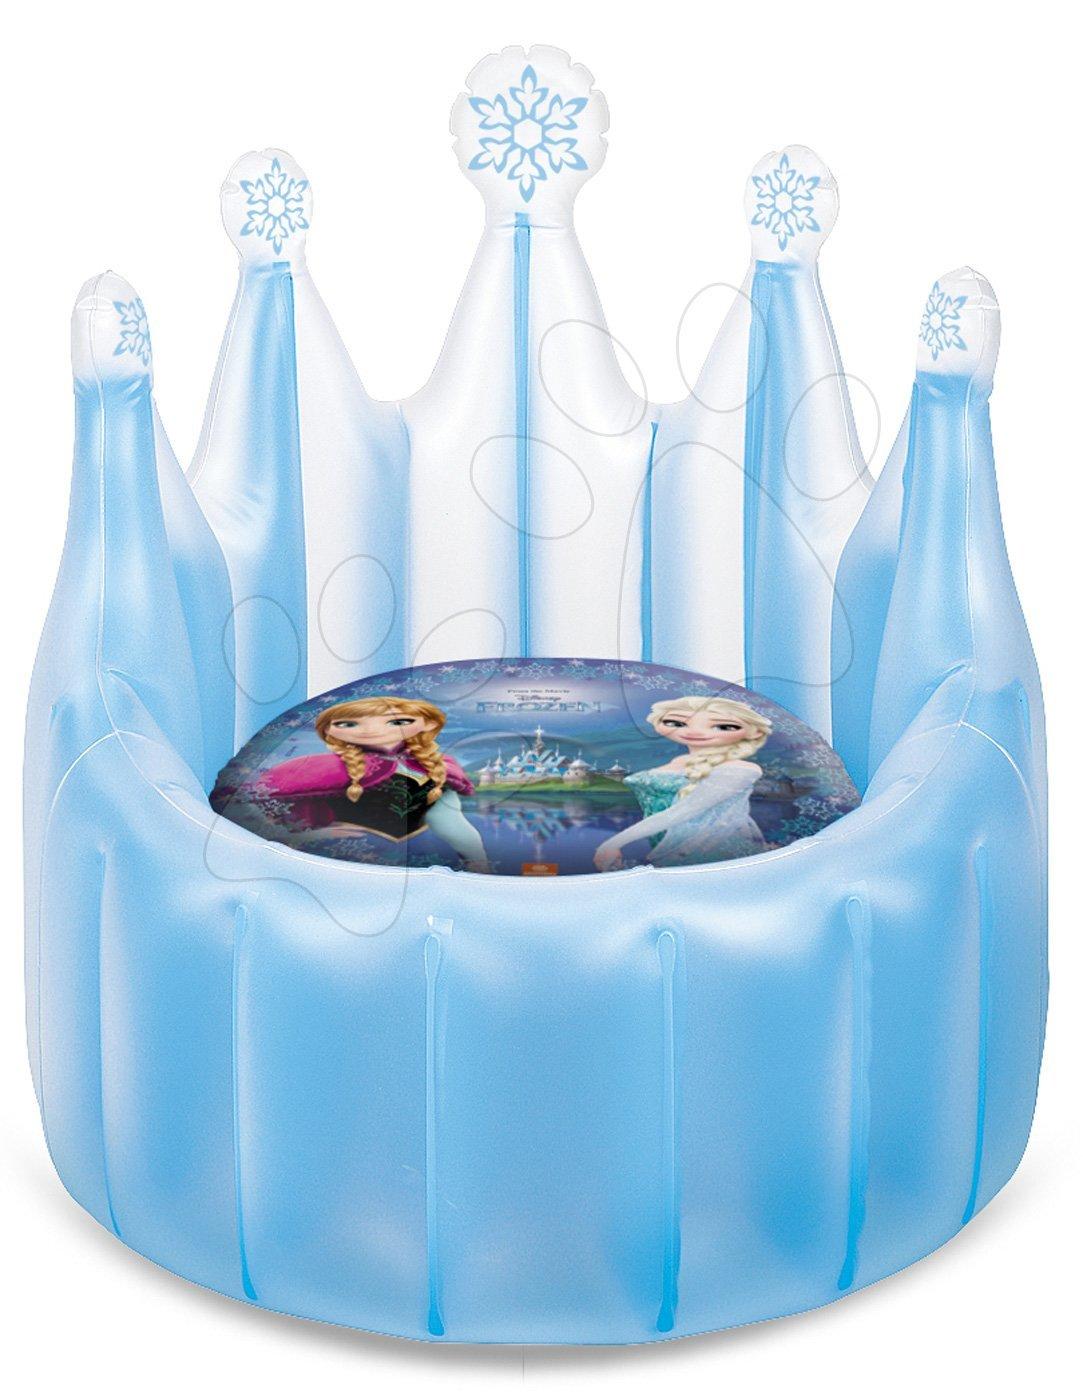 Nafukovačky - Nafukovacie kreslo Frozen Mondo kráľovský trón